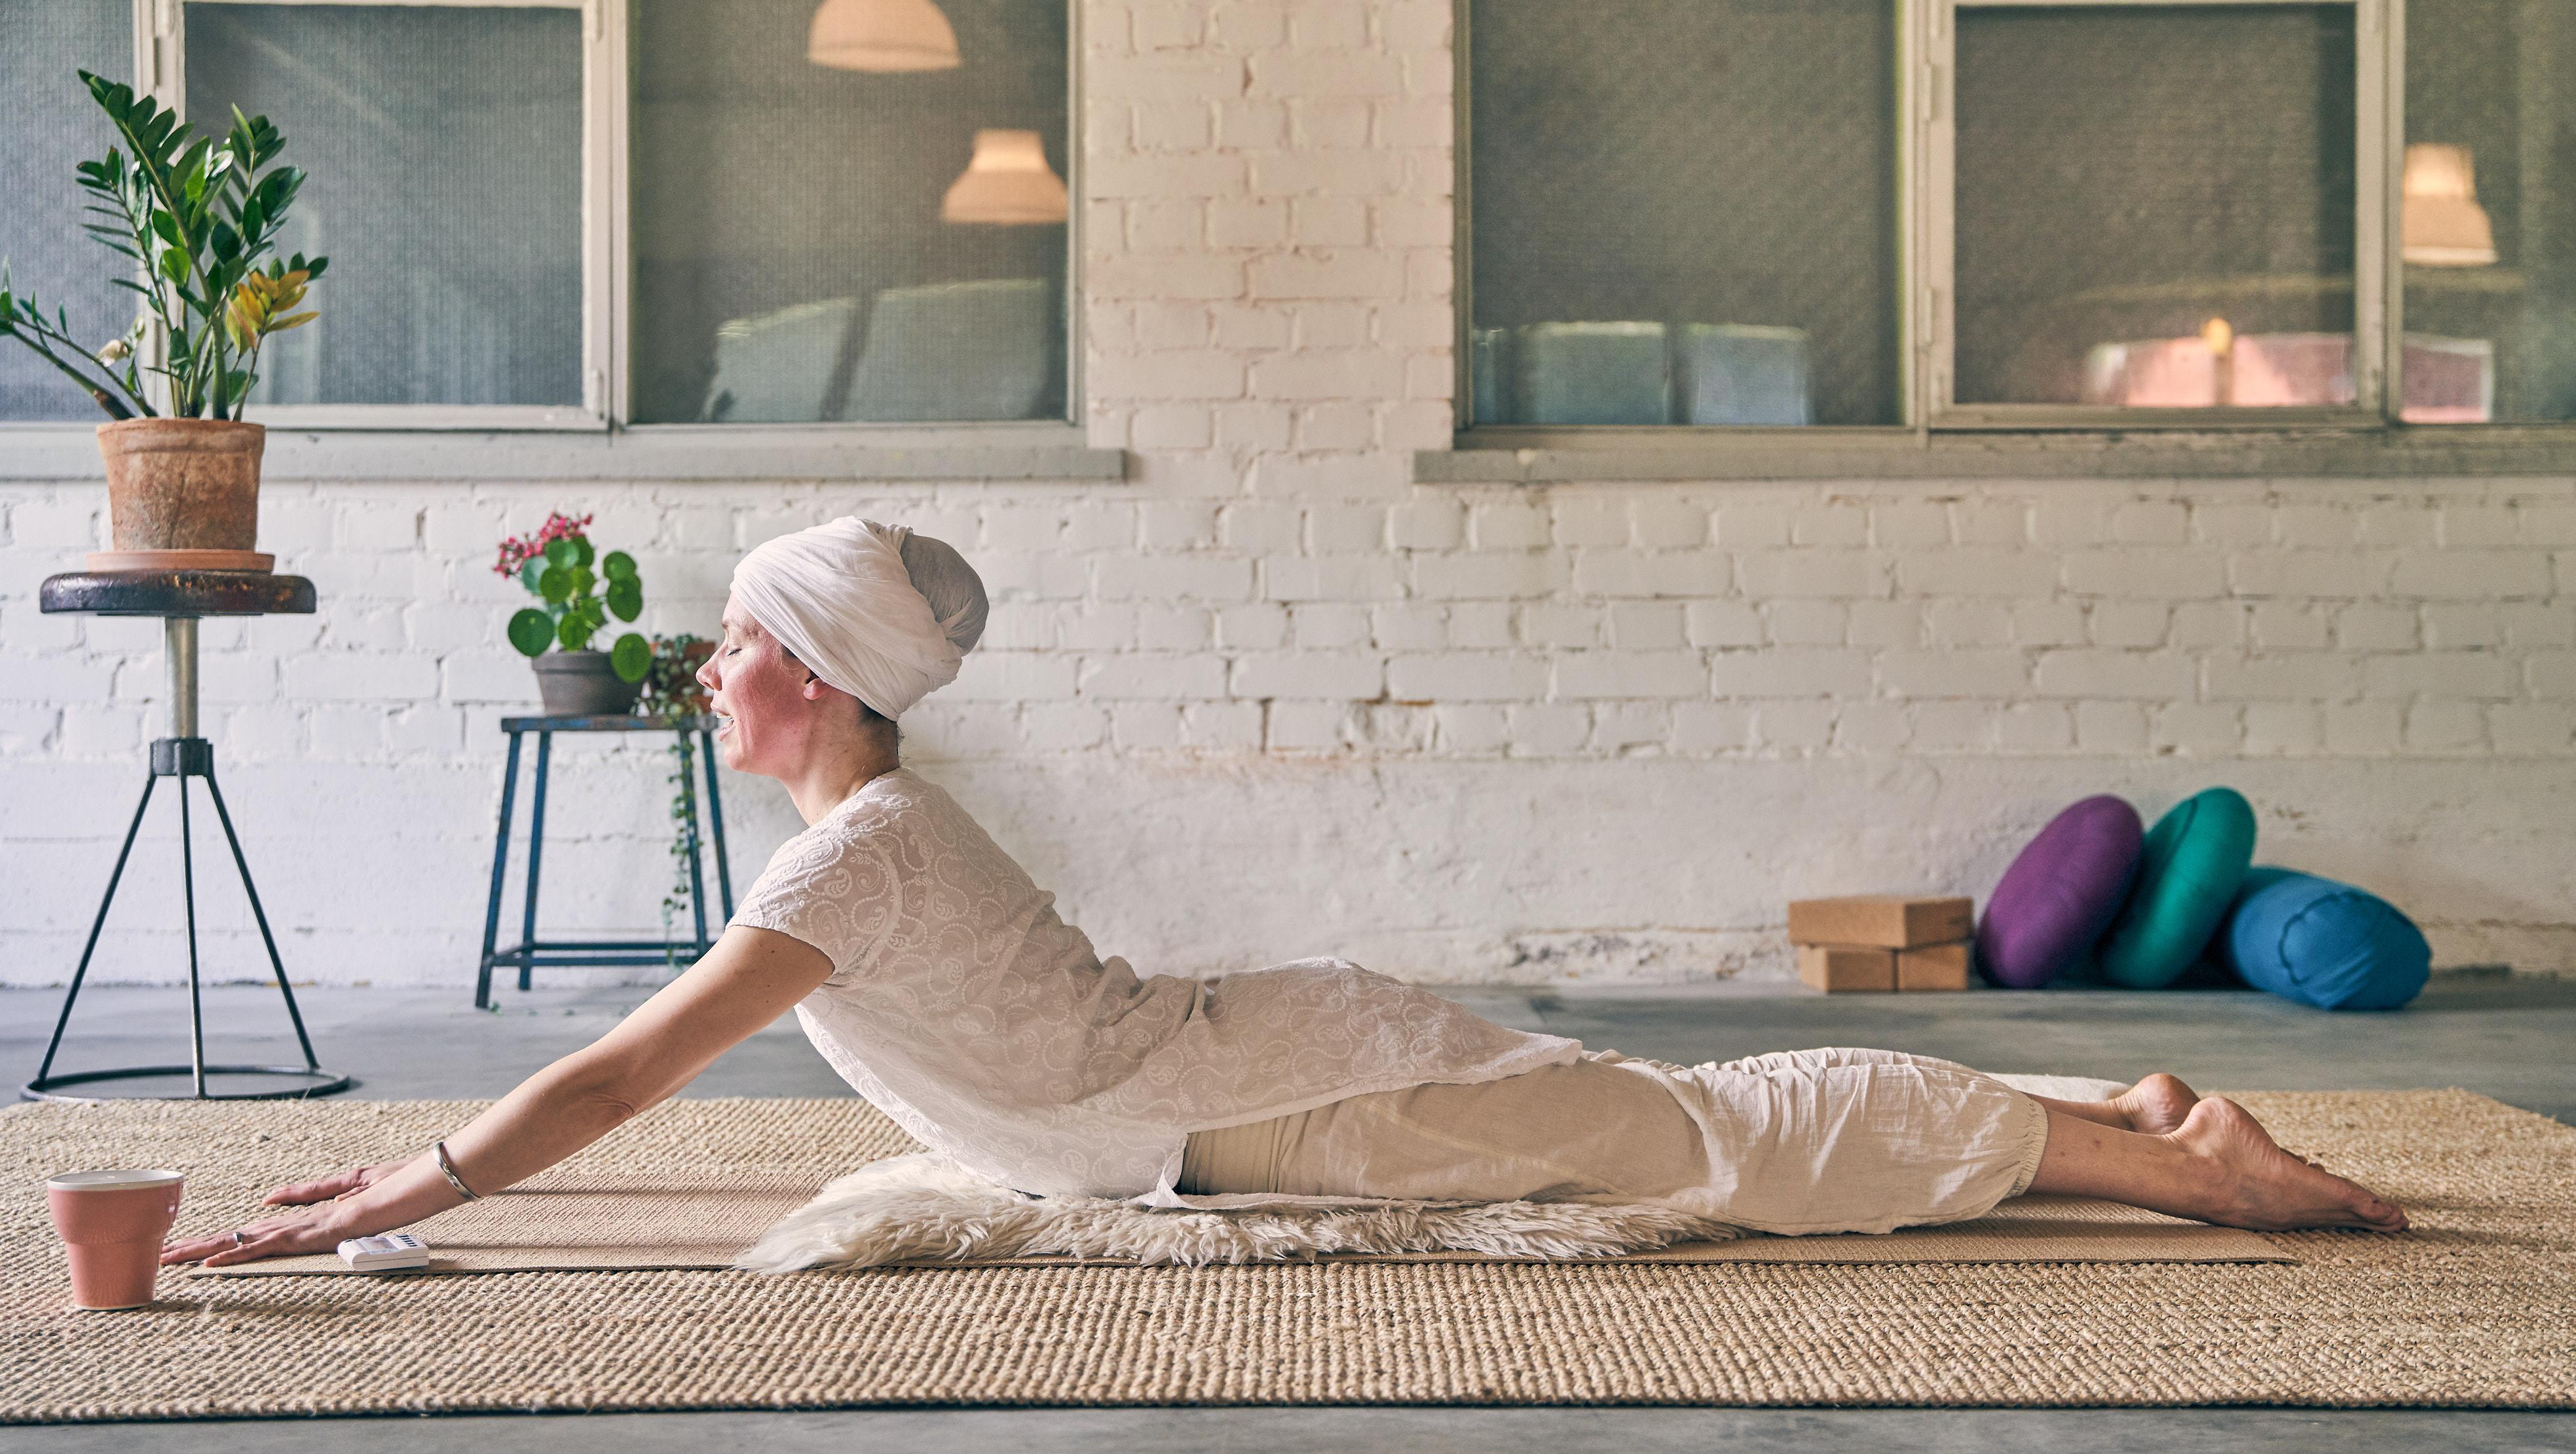 _7R372010698_yoga_v1